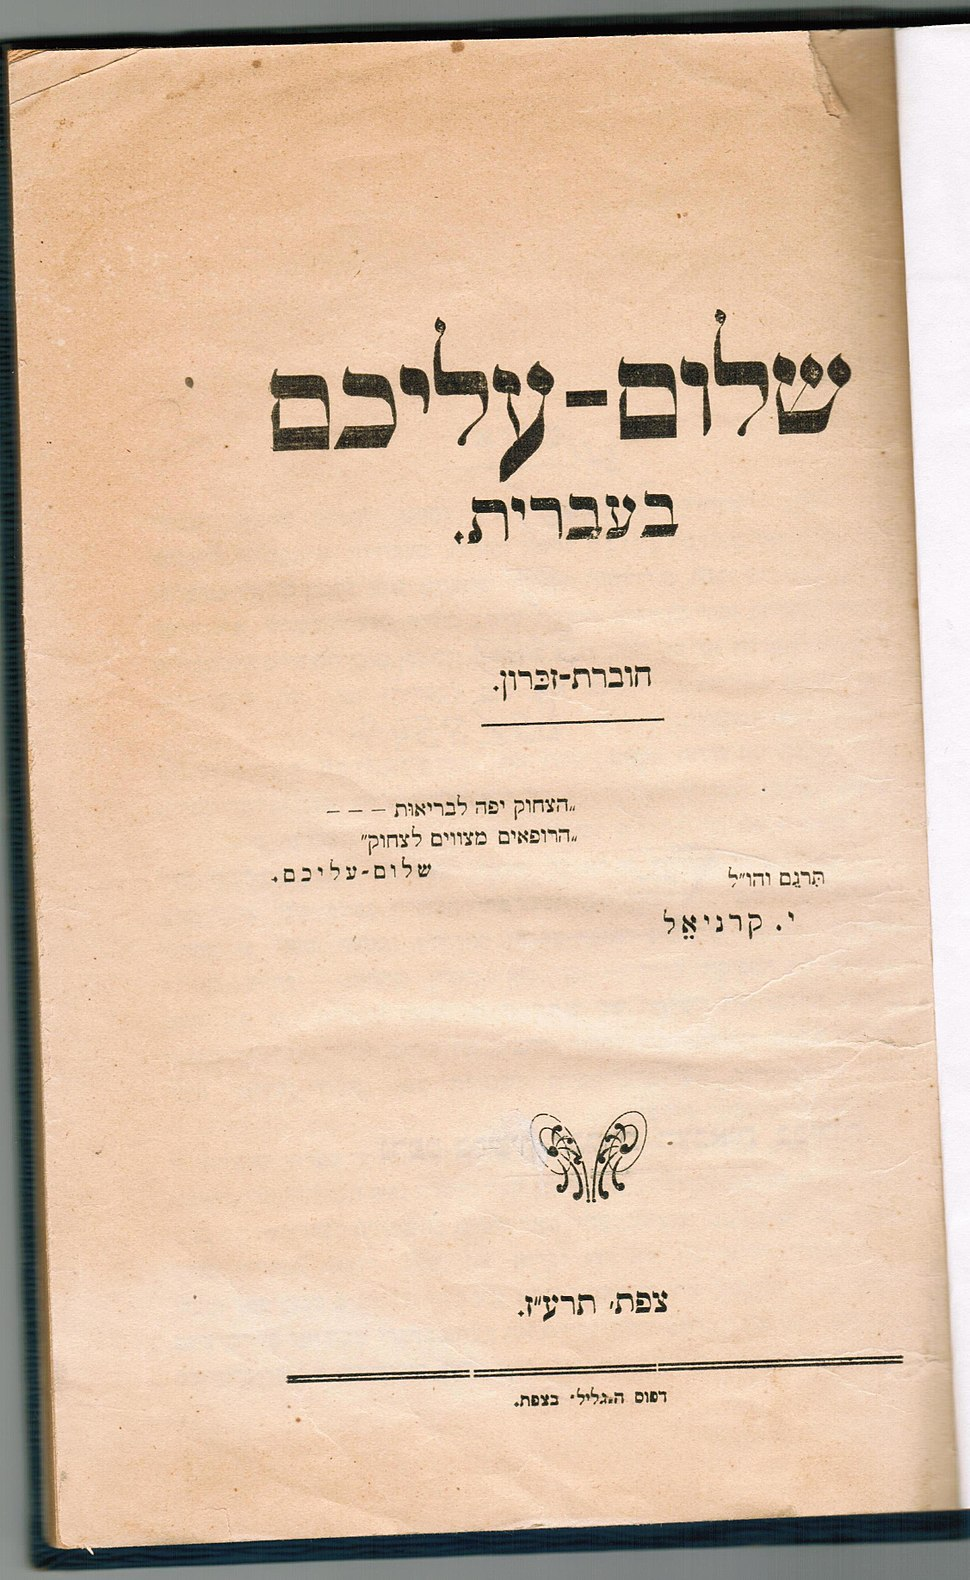 שלום עליכם בעברית